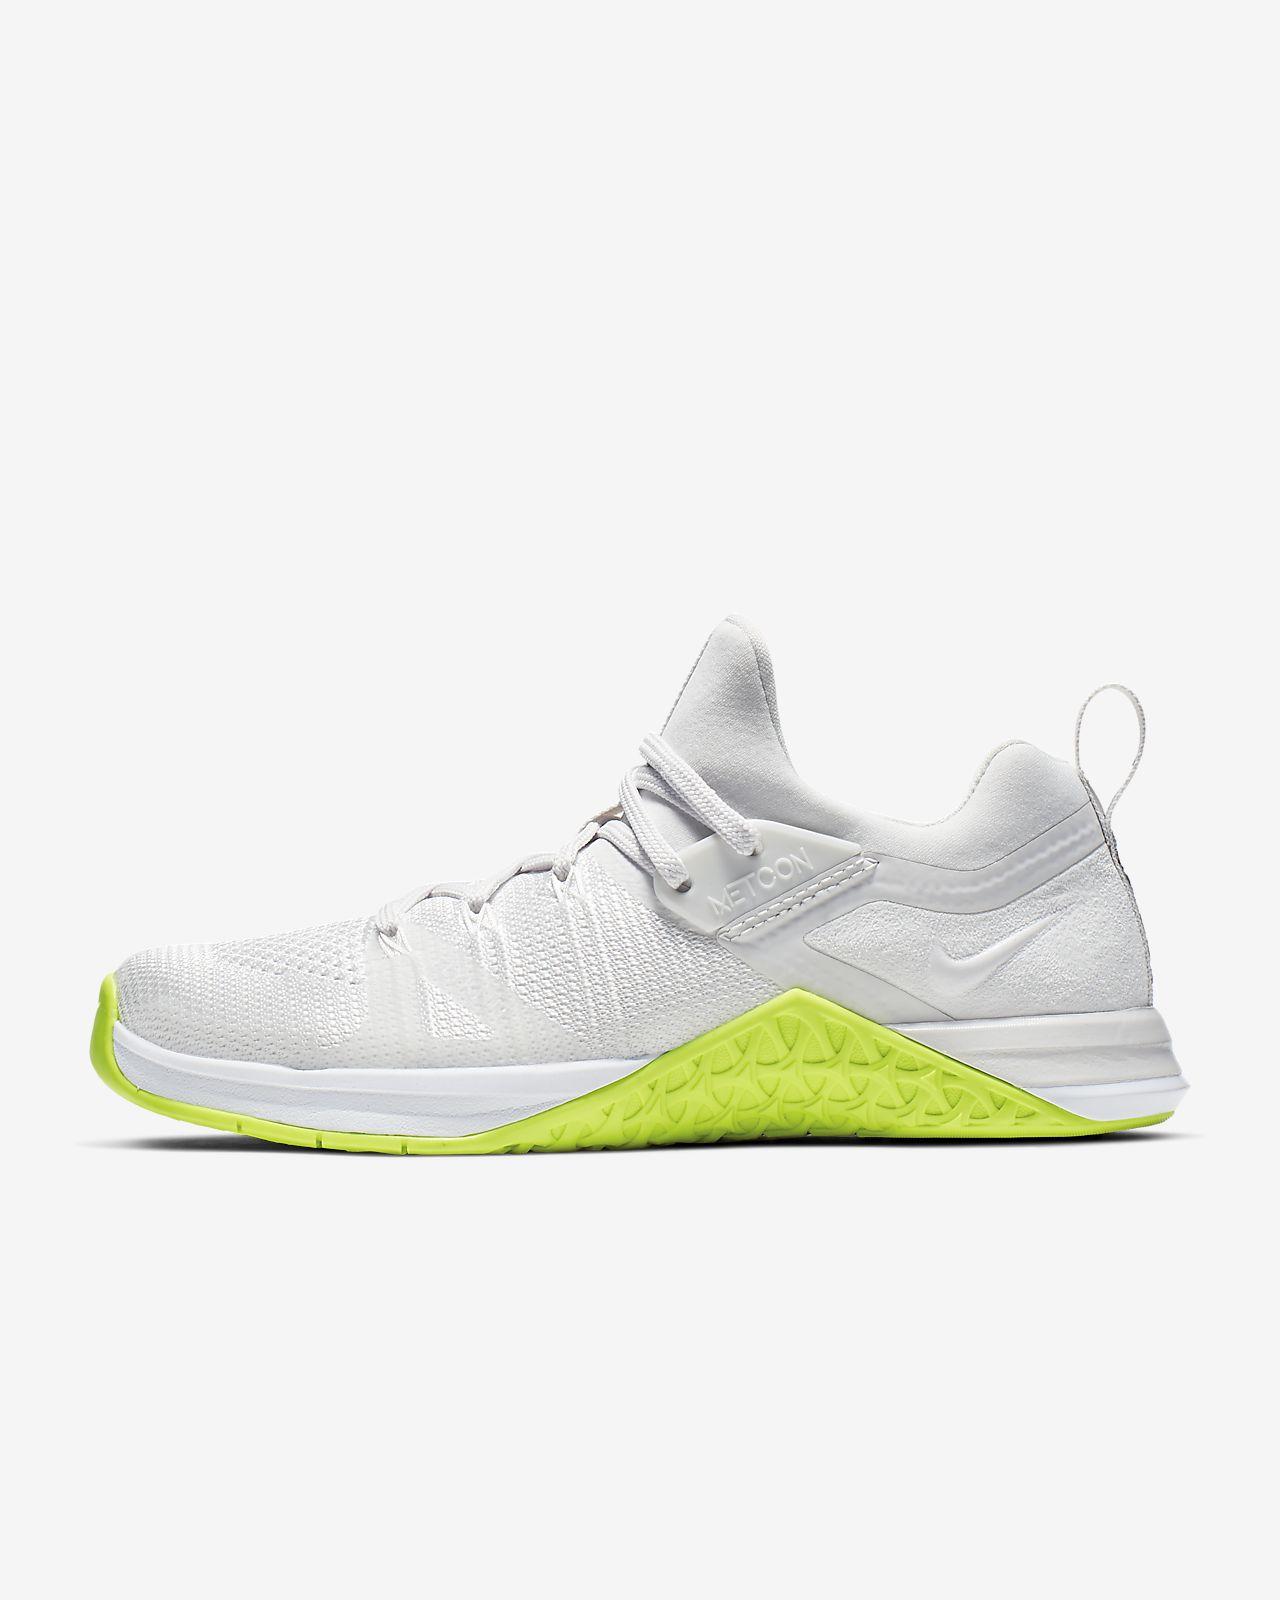 código promocional 95e59 ac8c1 Nike Metcon Flyknit 3 Zapatillas de cross training y levantamiento de pesas  - Mujer